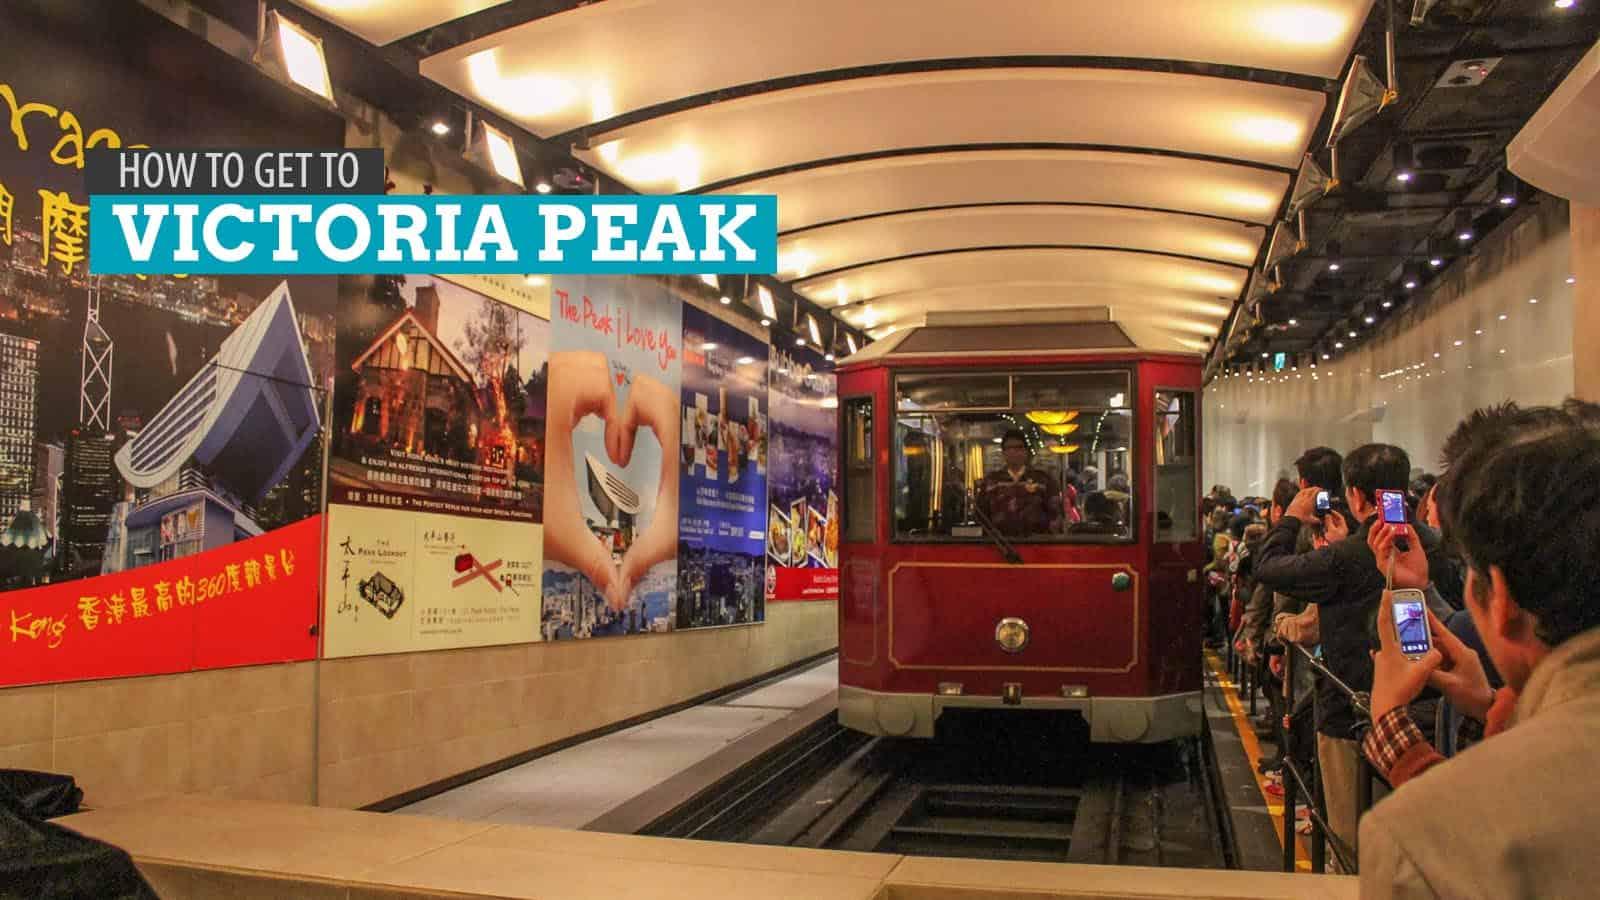 詹沙嘴到维多利亚峰坐地铁:香港 | 穷游者的行程博客